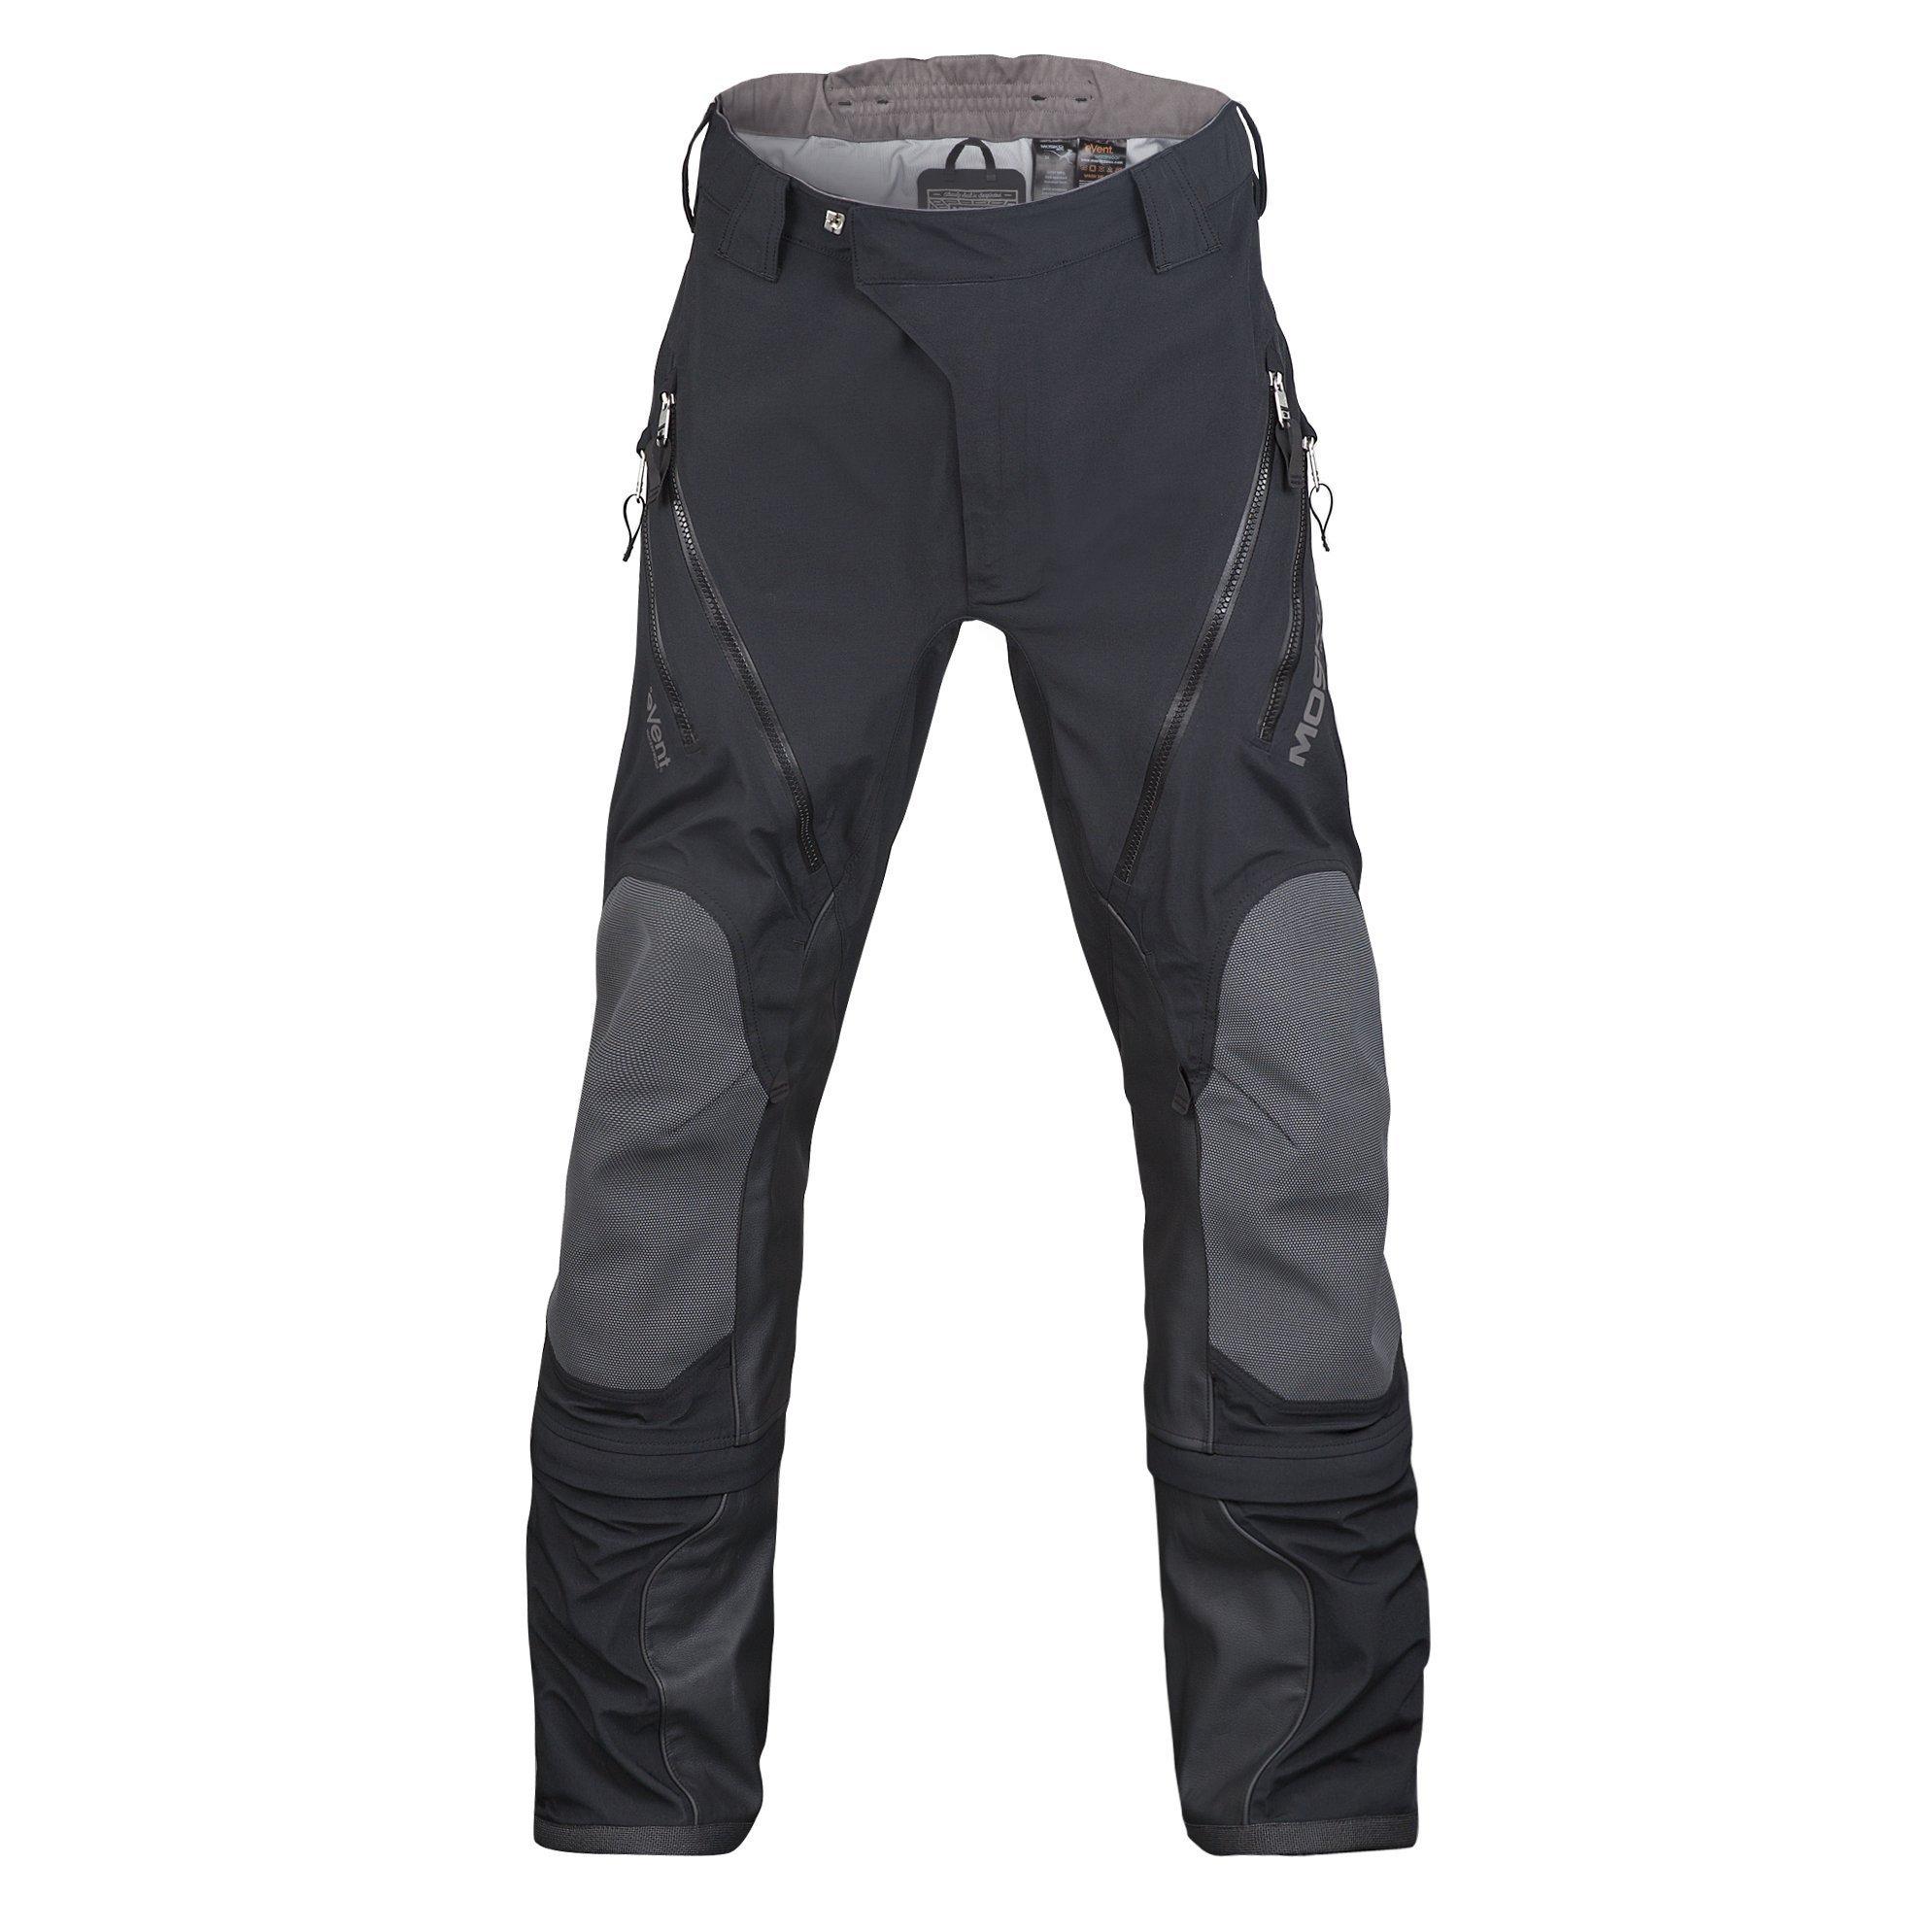 mosko-moto-apparel-s-charcoal-basilisk-pant-11333022941245_2000x.jpg